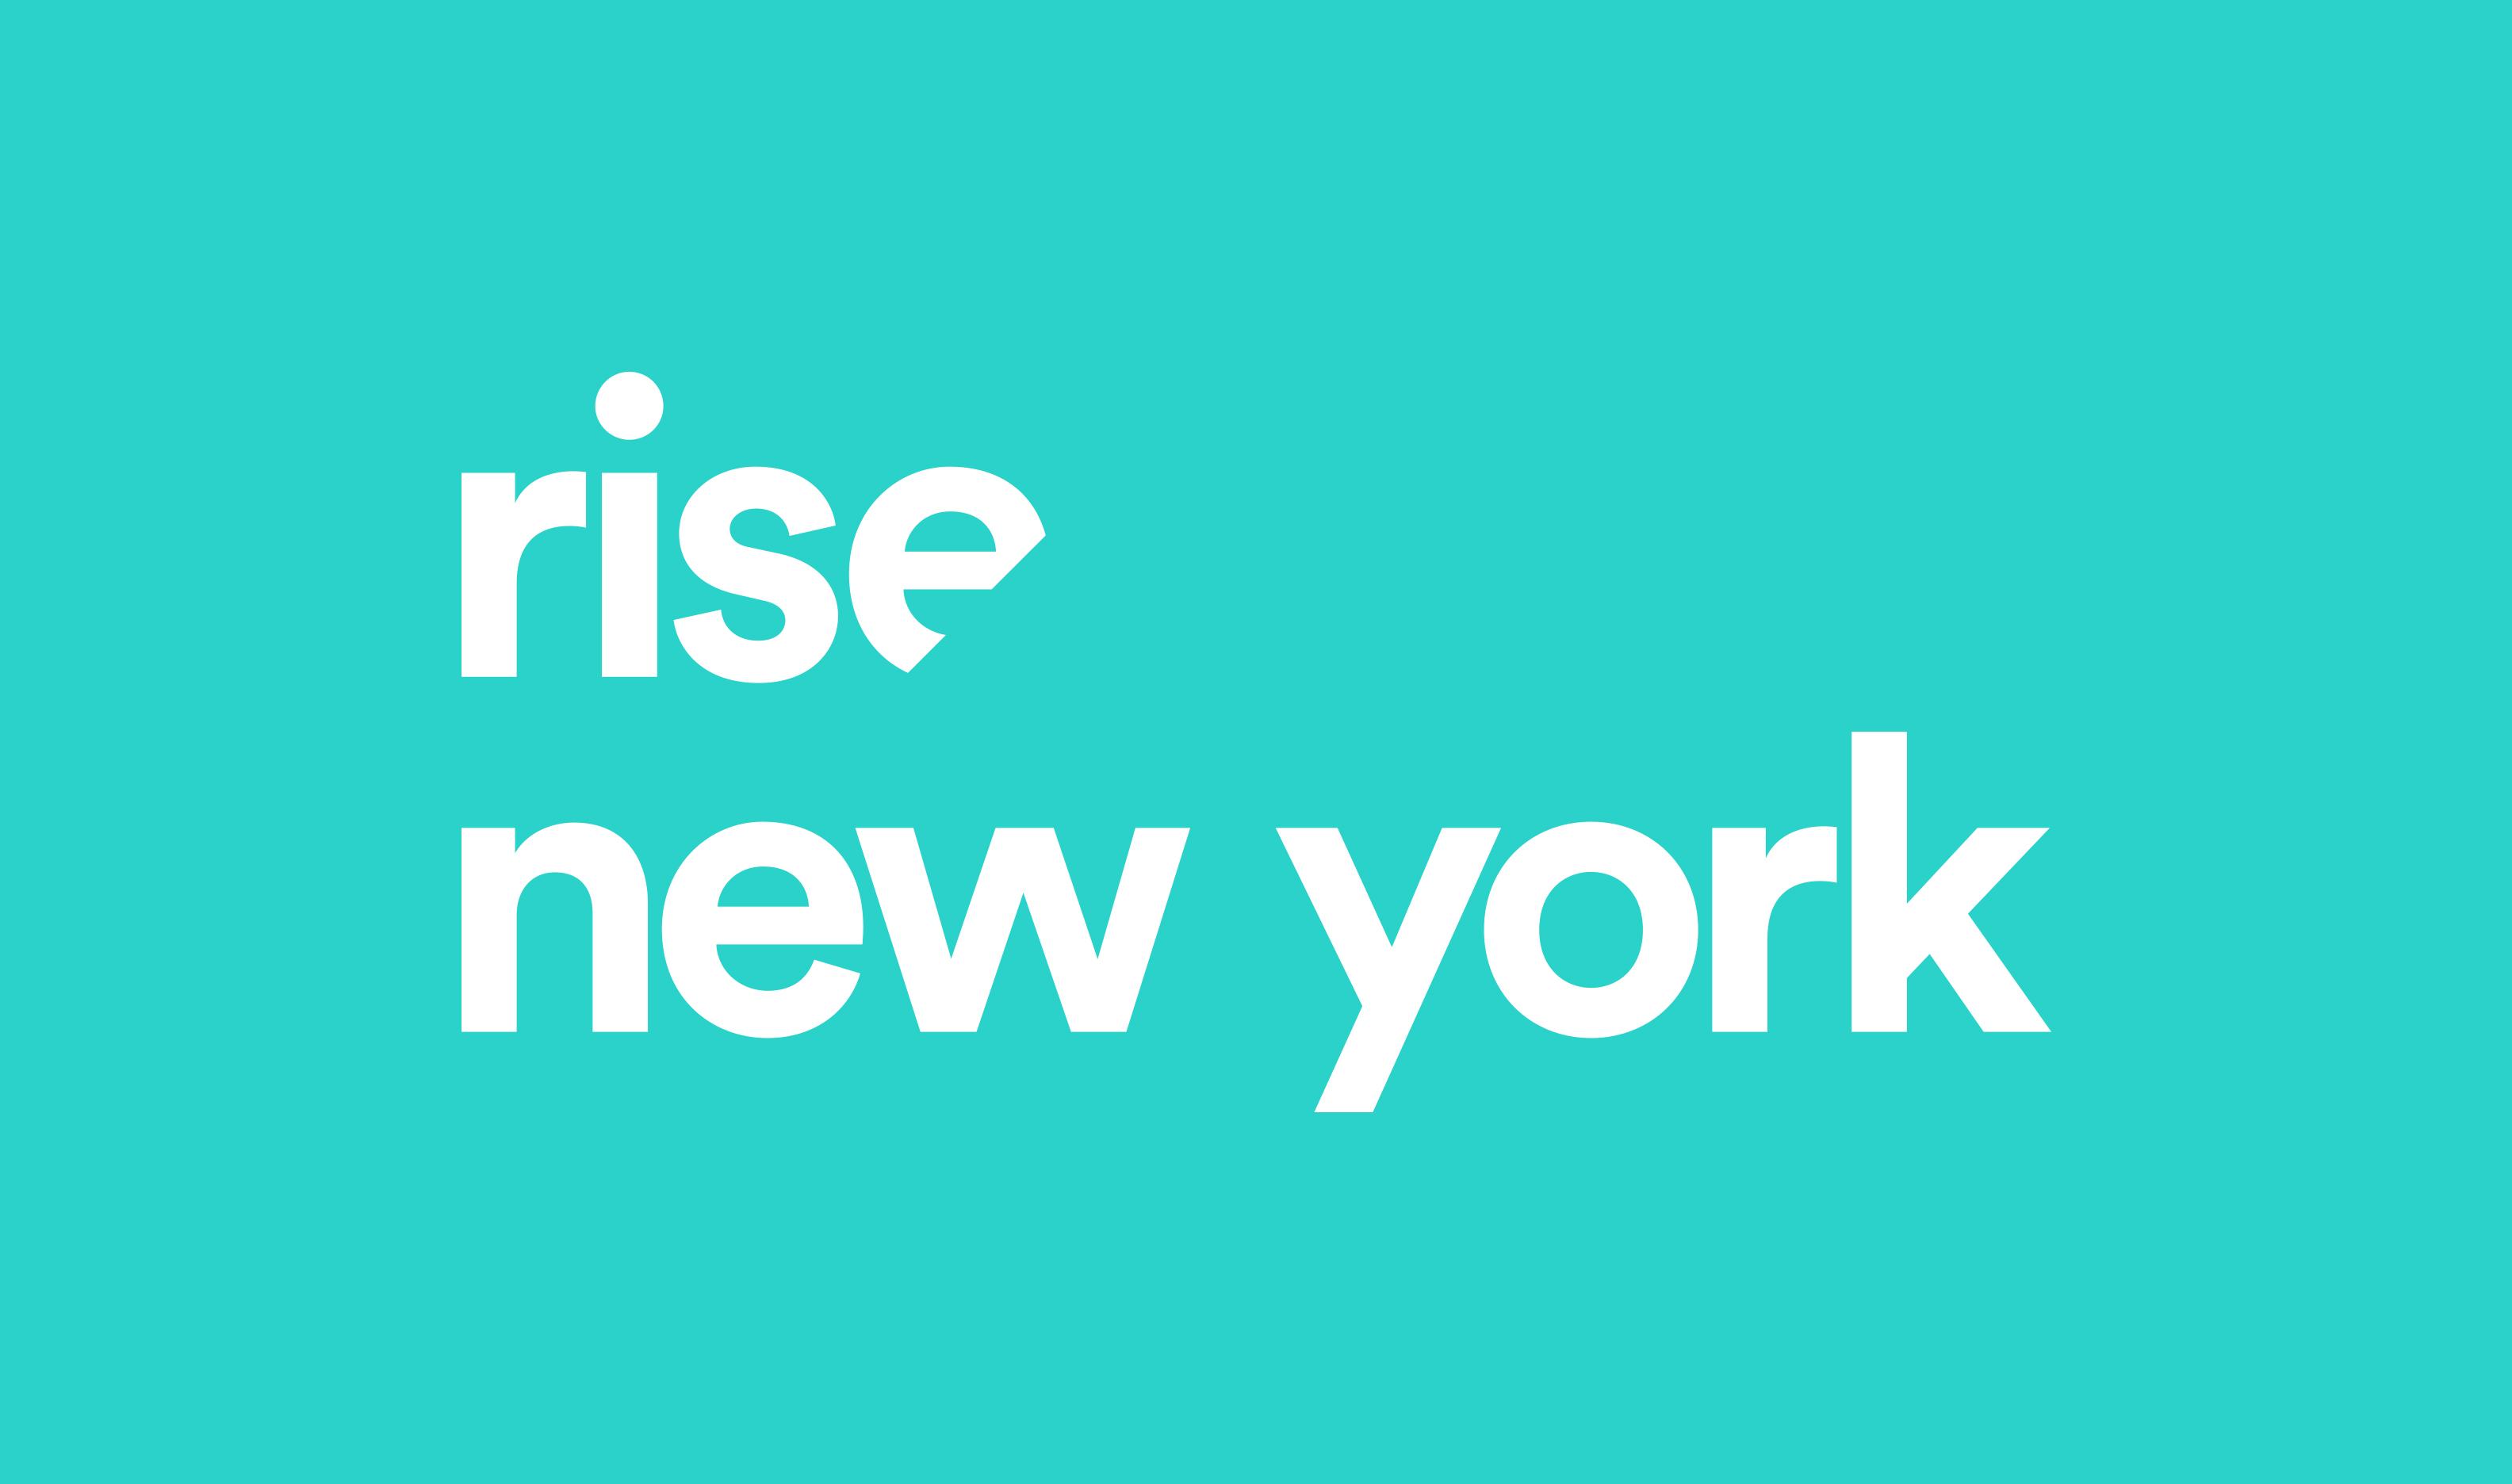 Rise New York